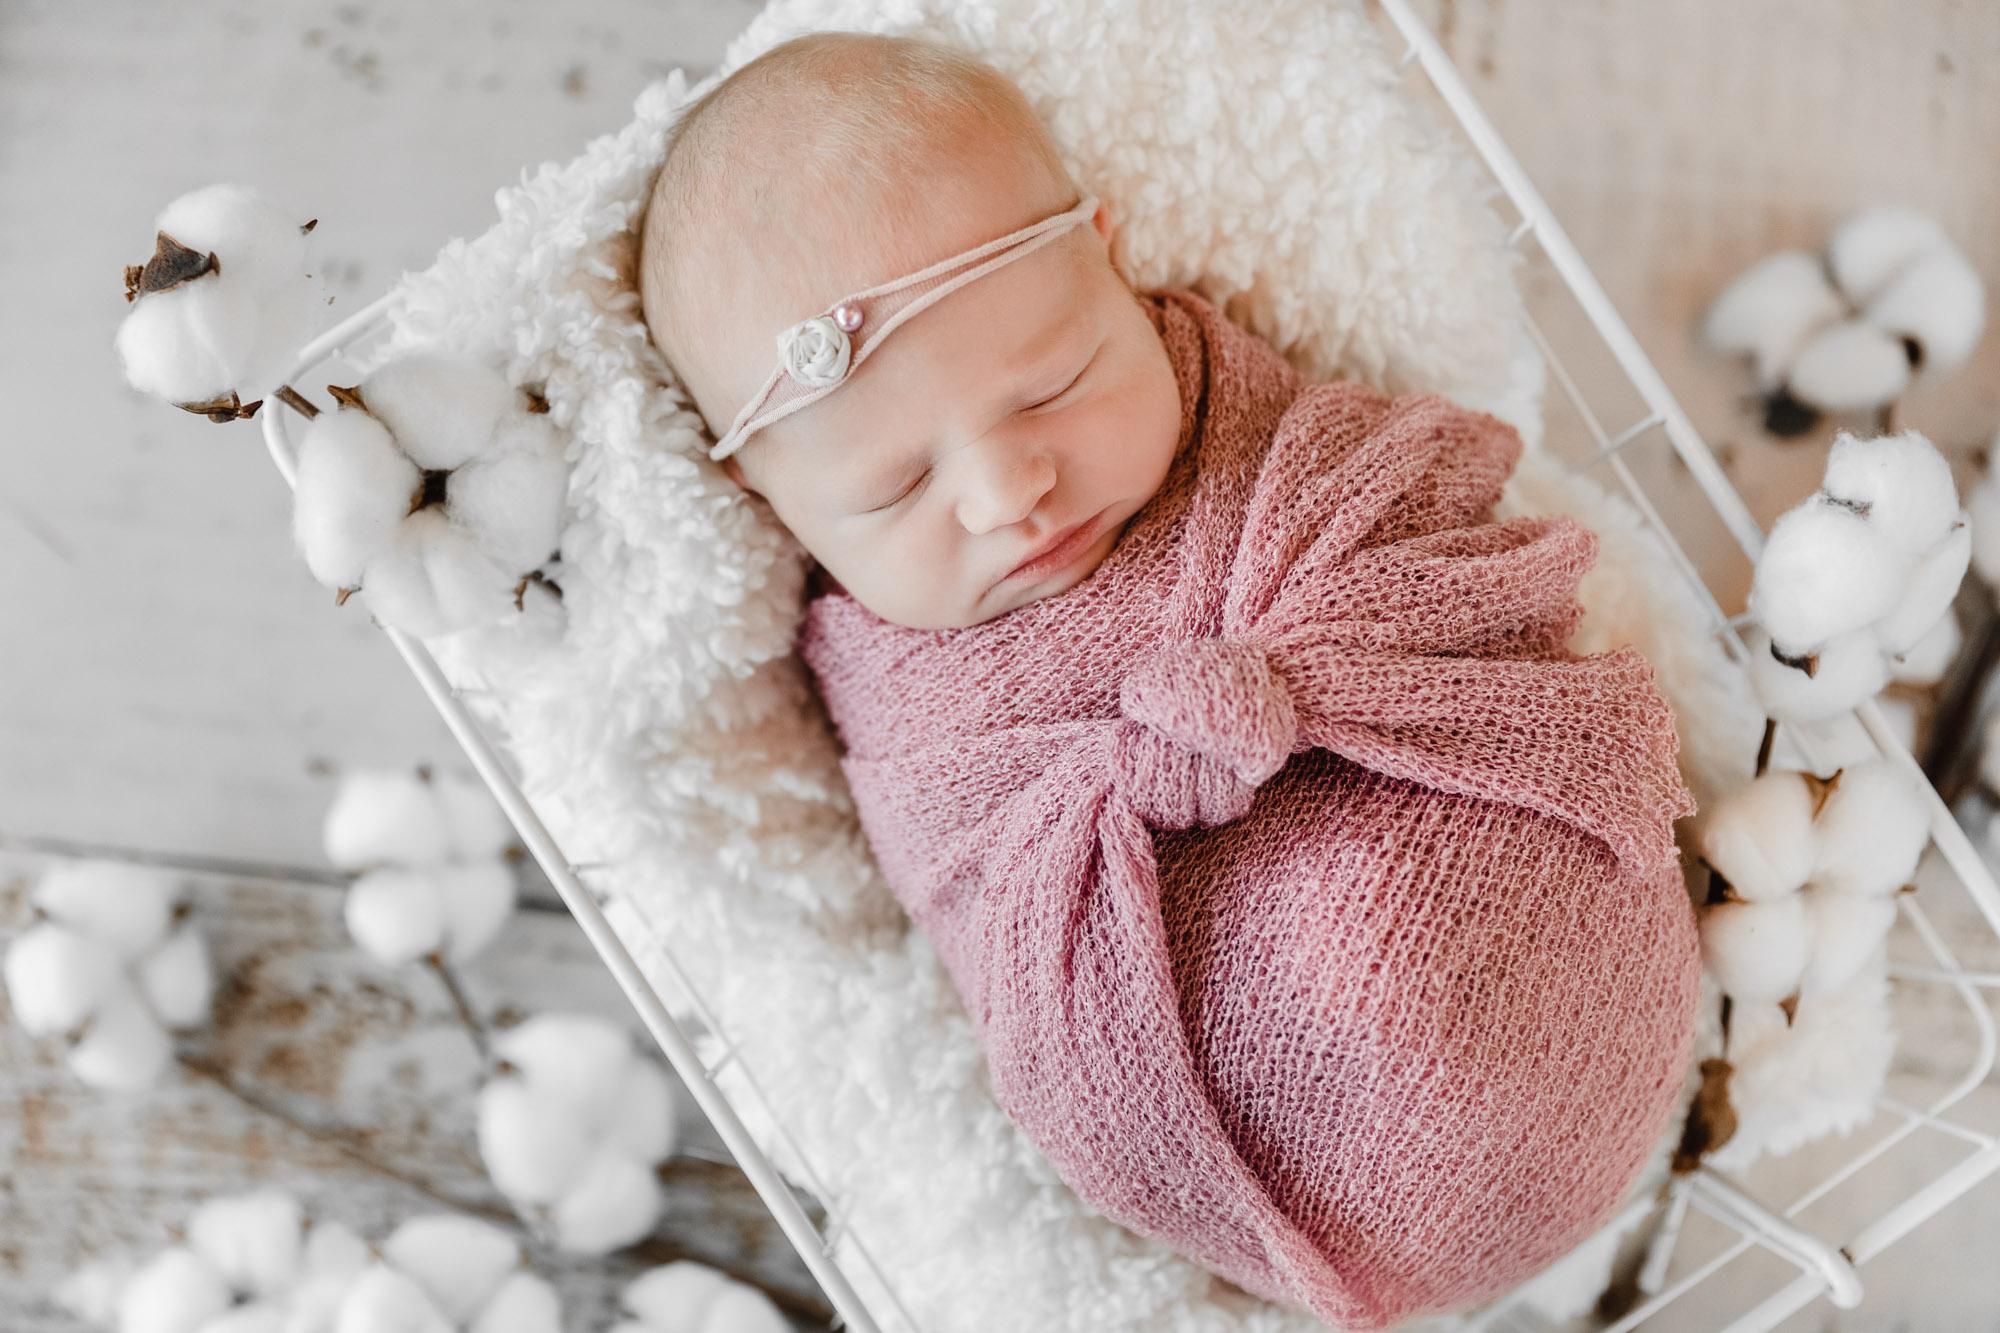 bébé endormi dans panier blanc entouré de fleurs de coton